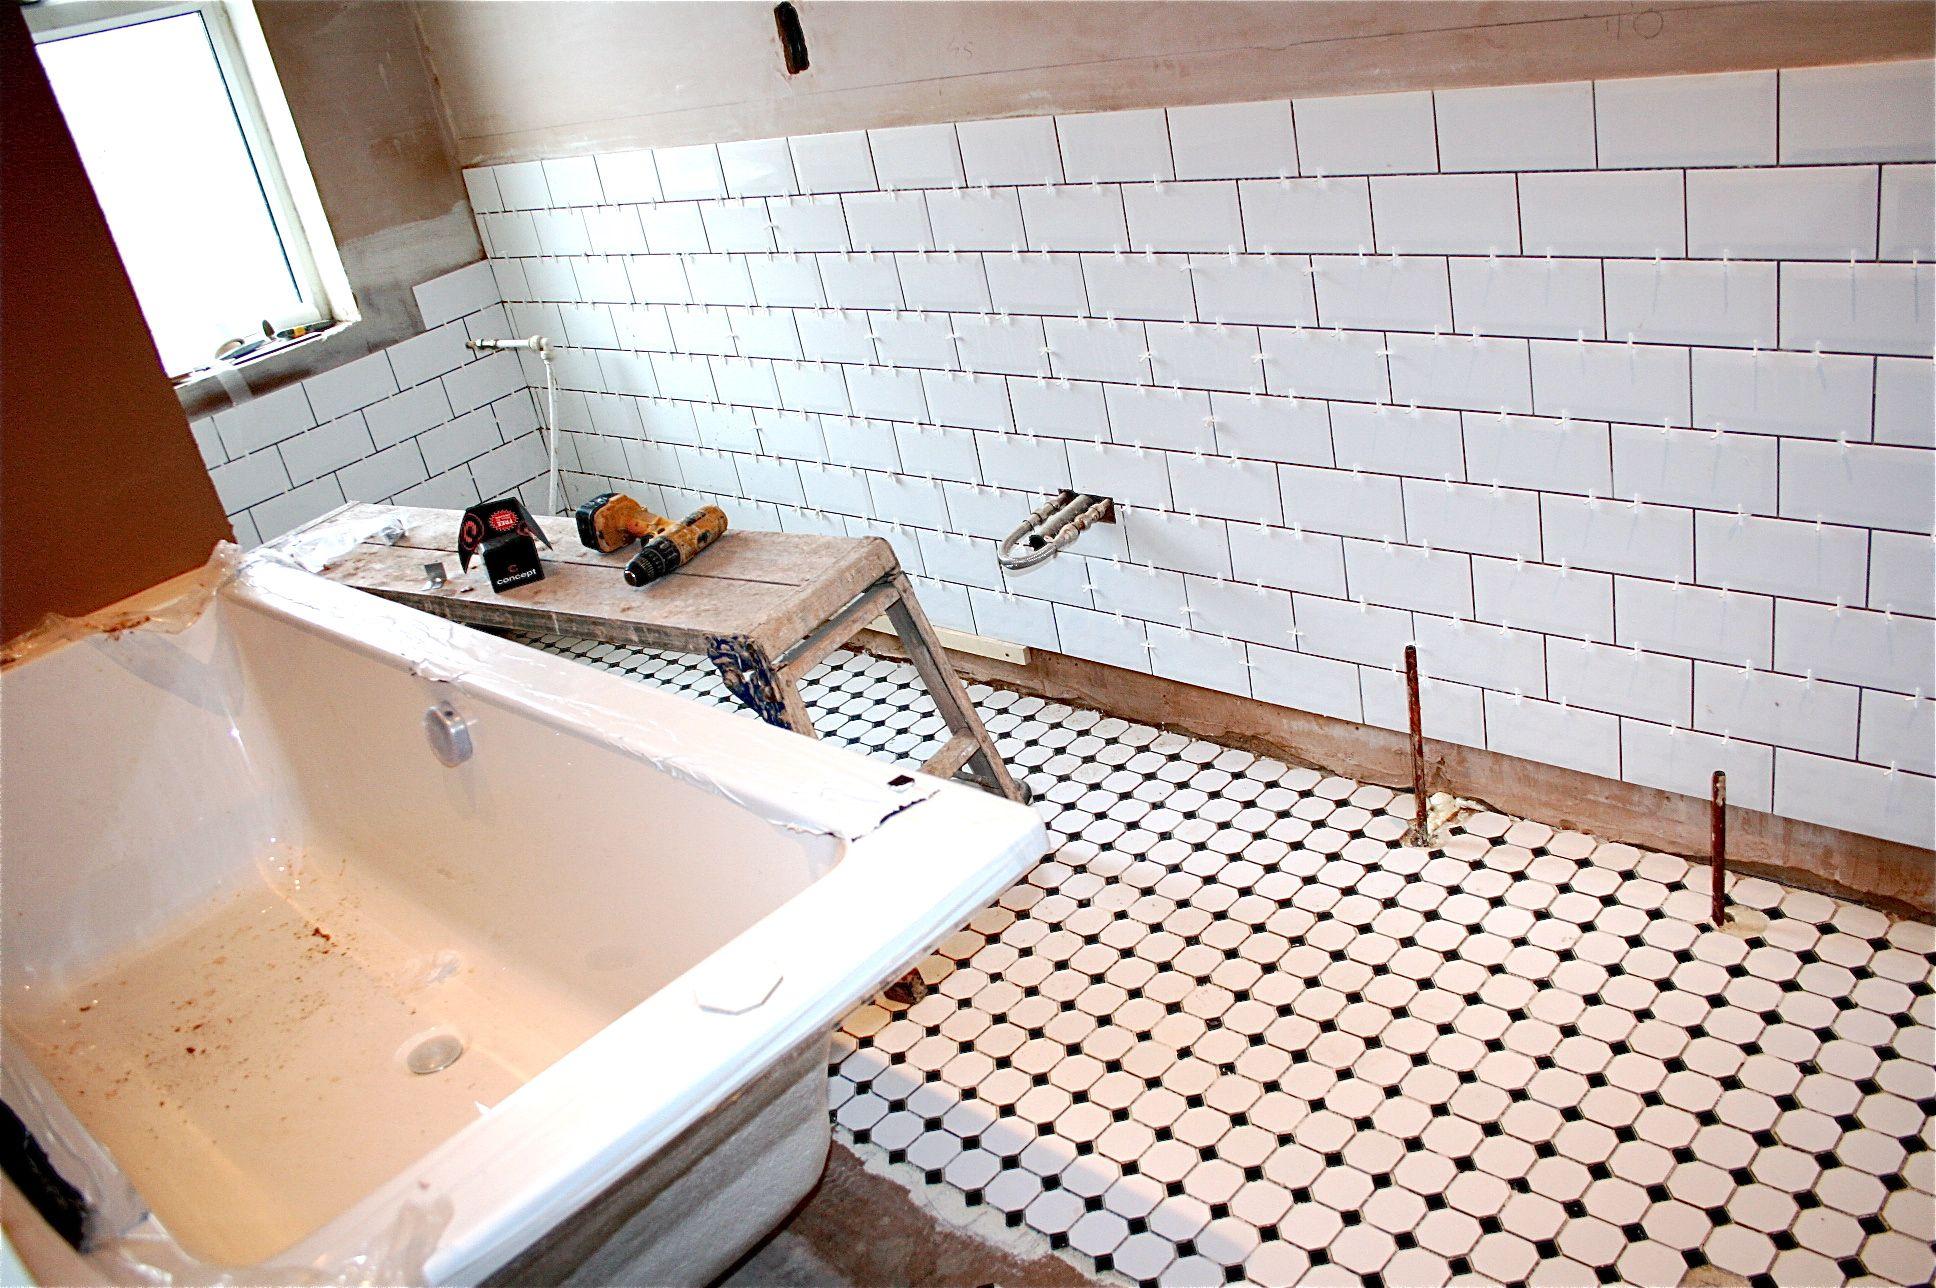 Bathrooms Clawfoot Tubs Black